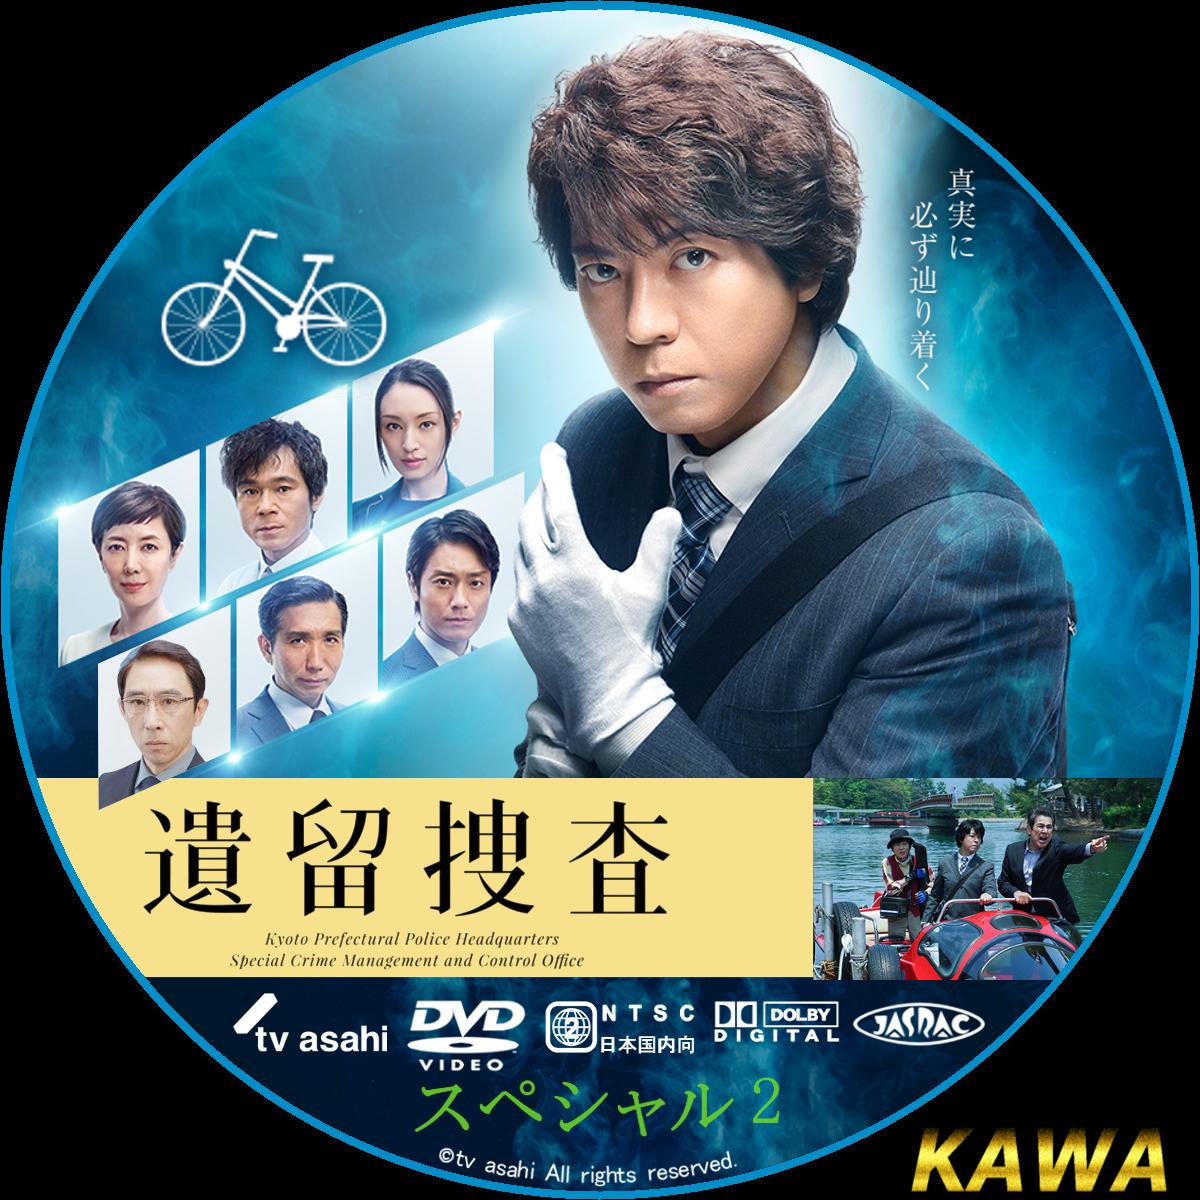 木曜ミステリー『遺留捜査』sp20191201